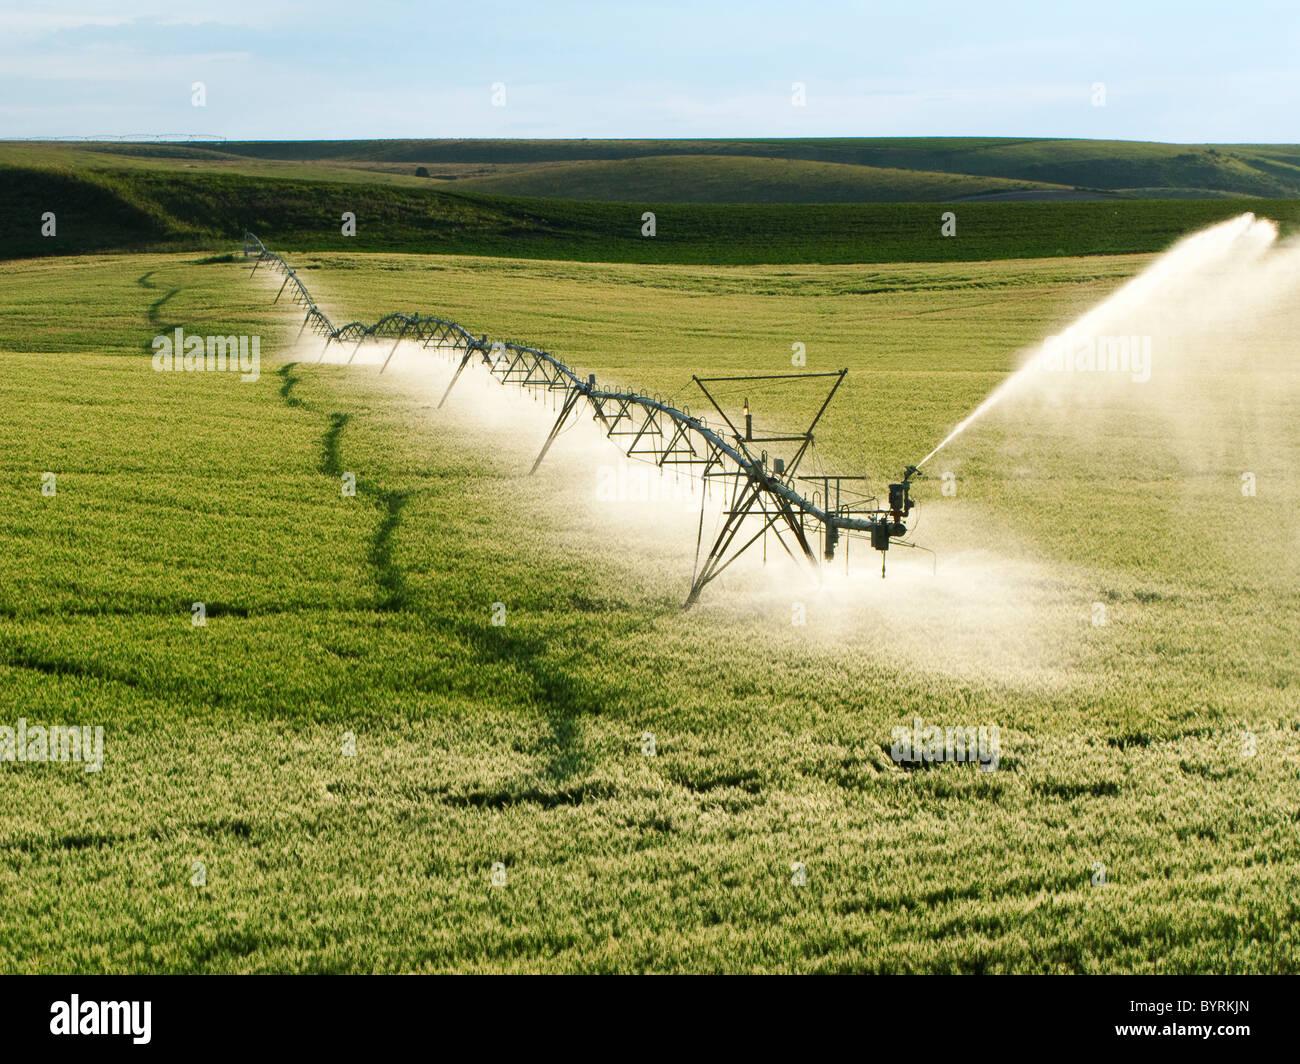 Agriculture - Centre d'exploitation du système d'irrigation à pivot sur un champ de grain vert Photo Stock